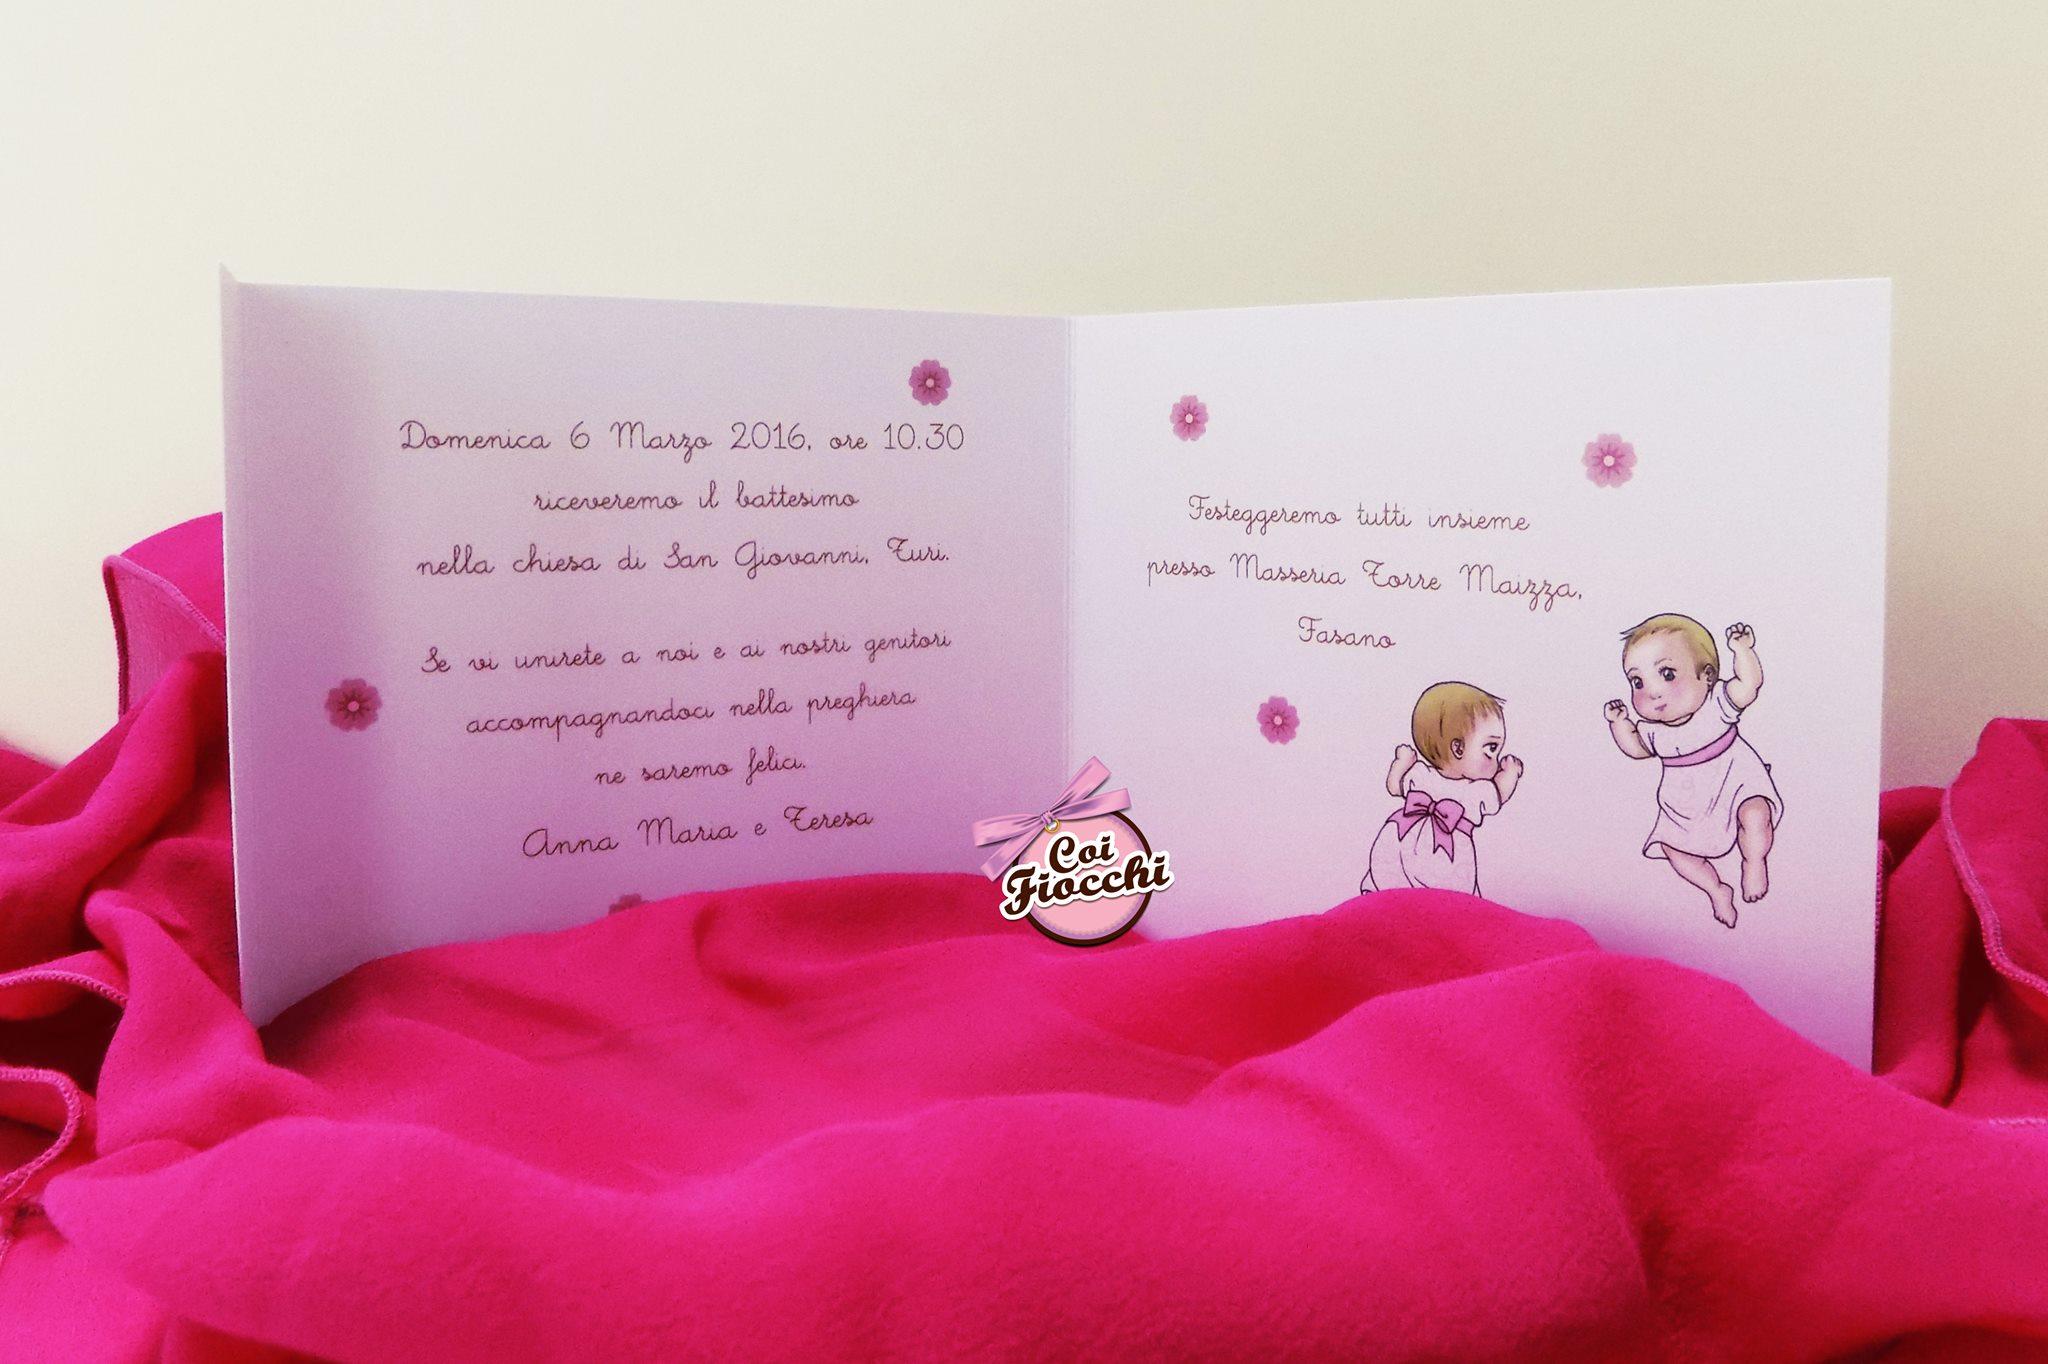 inviti-di-battesimo-personalizzati-bimbe-disegnate-in-stile-manga-coi-fiocchi-wedding-design